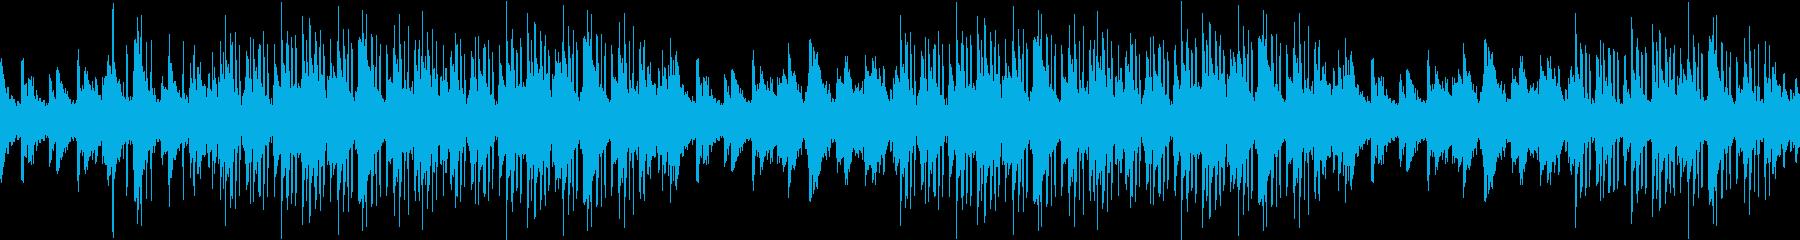 アンビエント・お洒落・繊細・ピアノの再生済みの波形